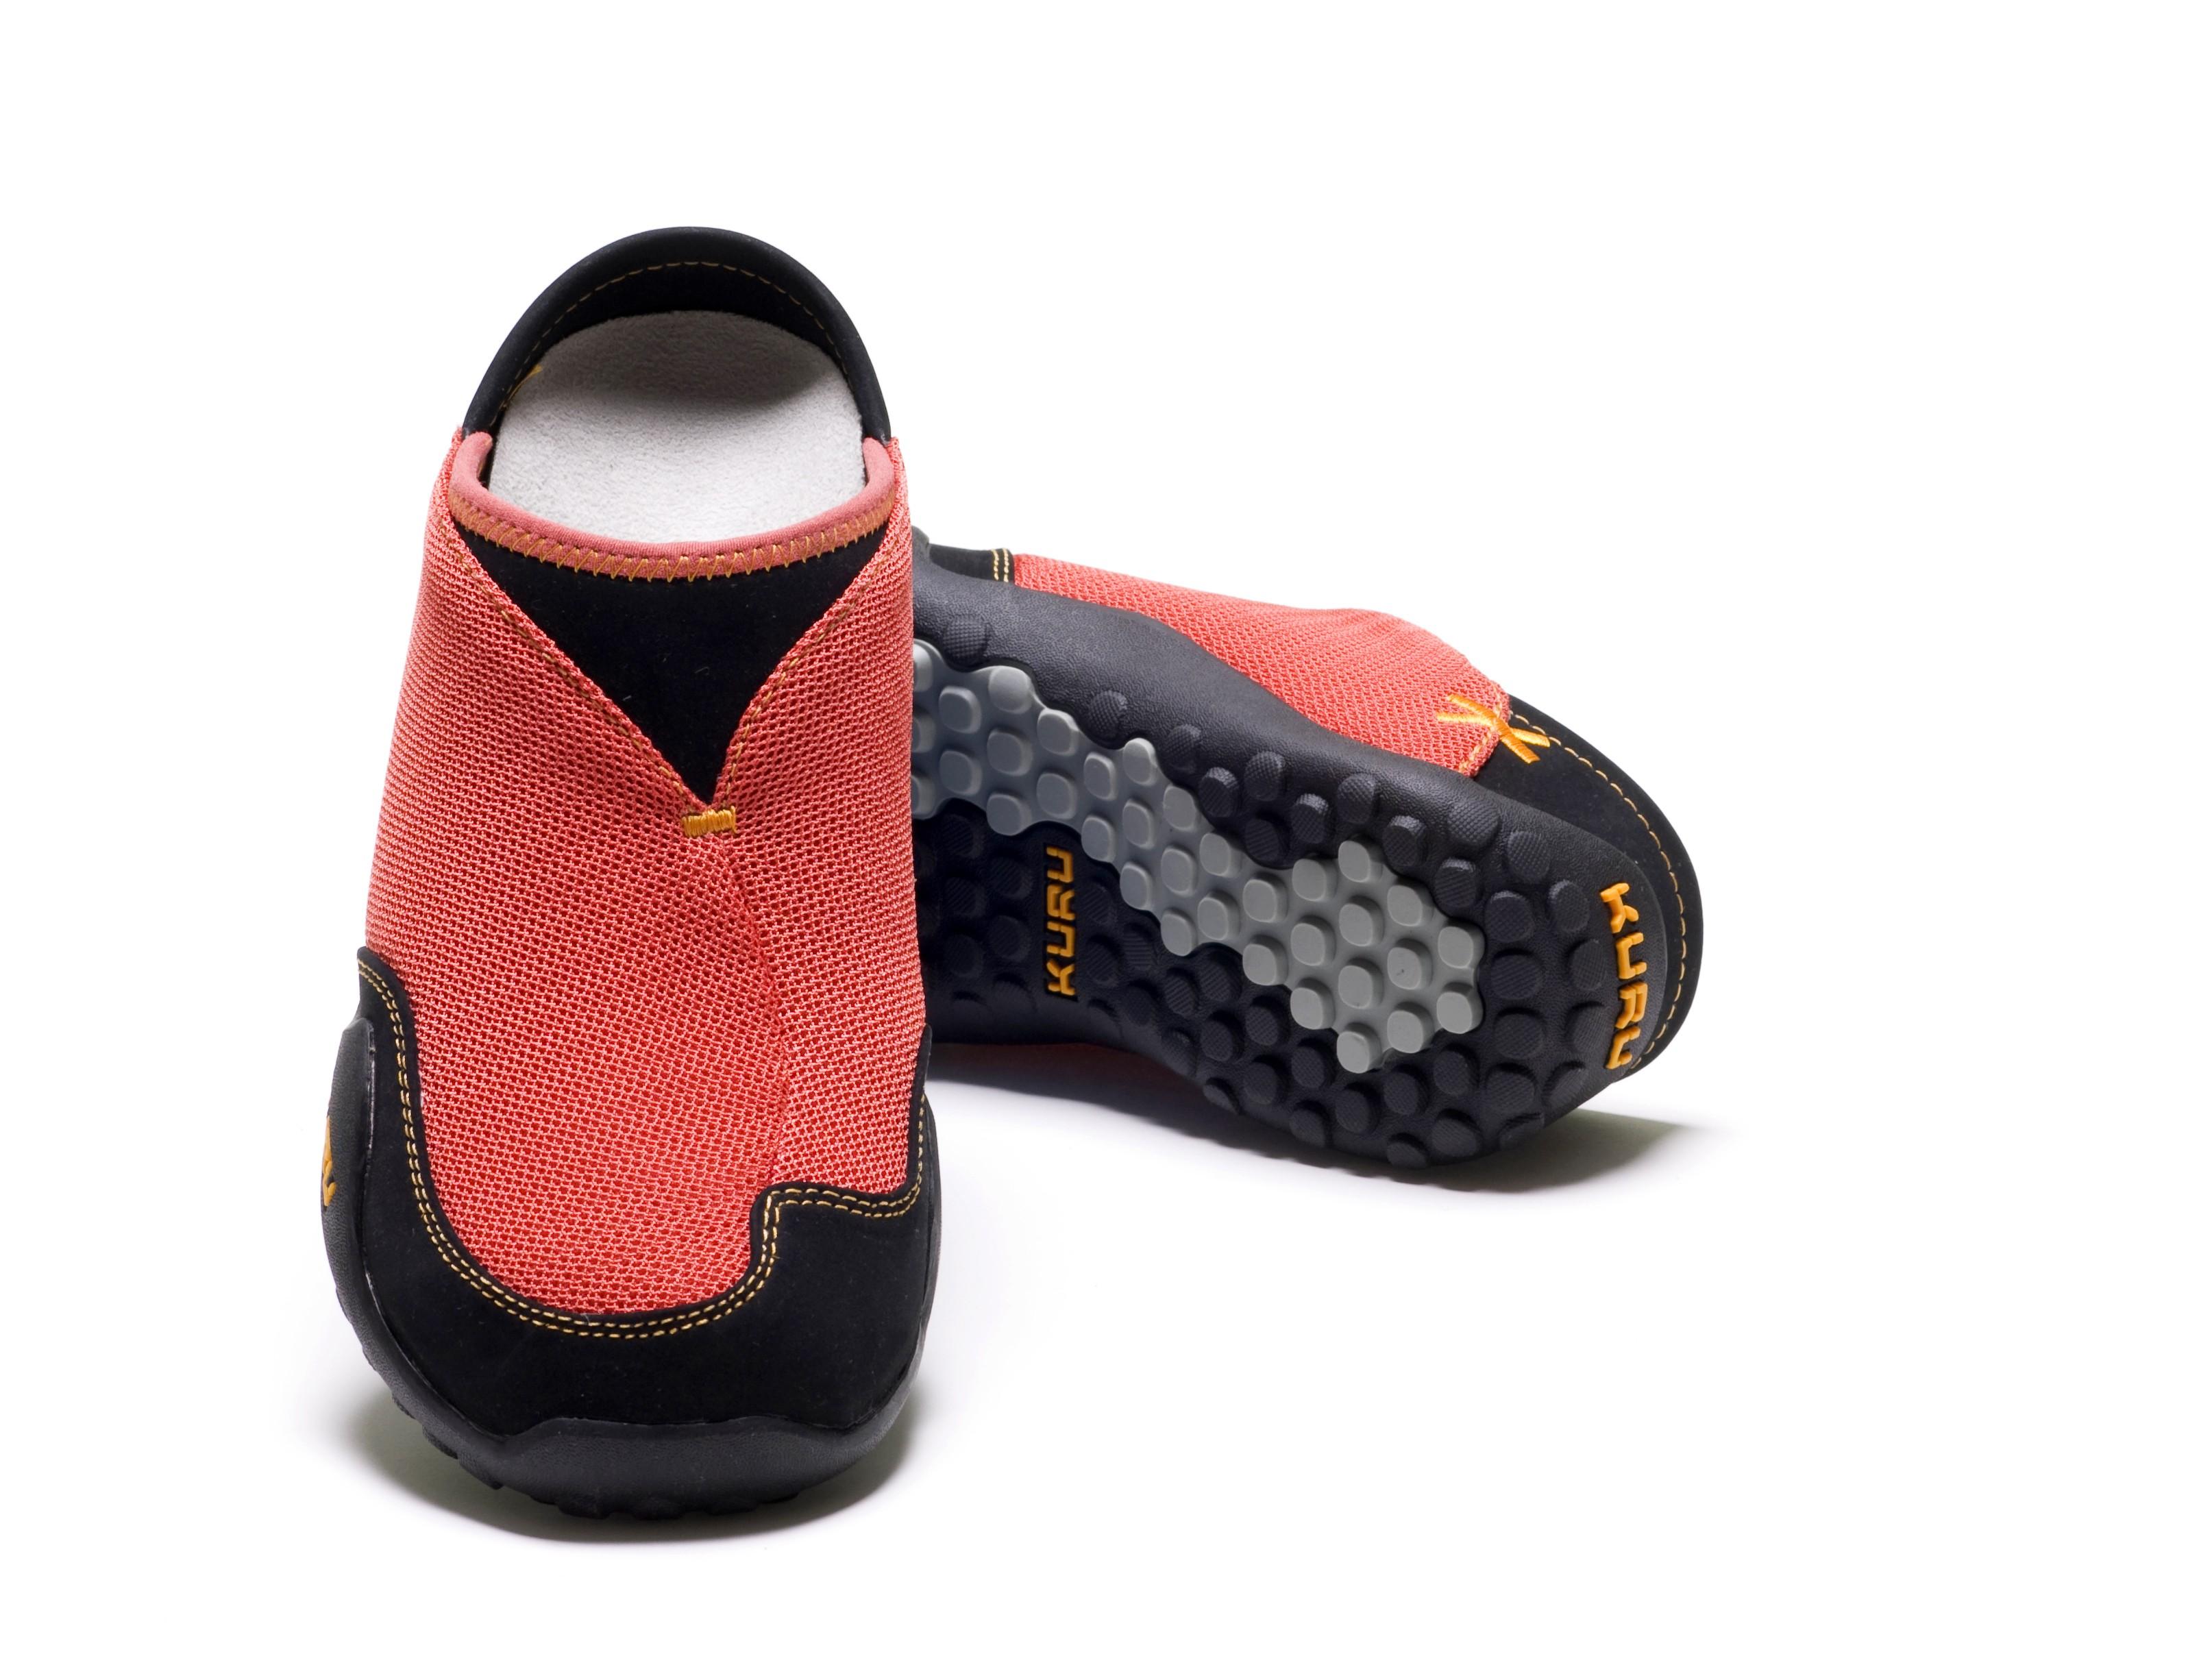 Kuru Shoes Dress Shoes